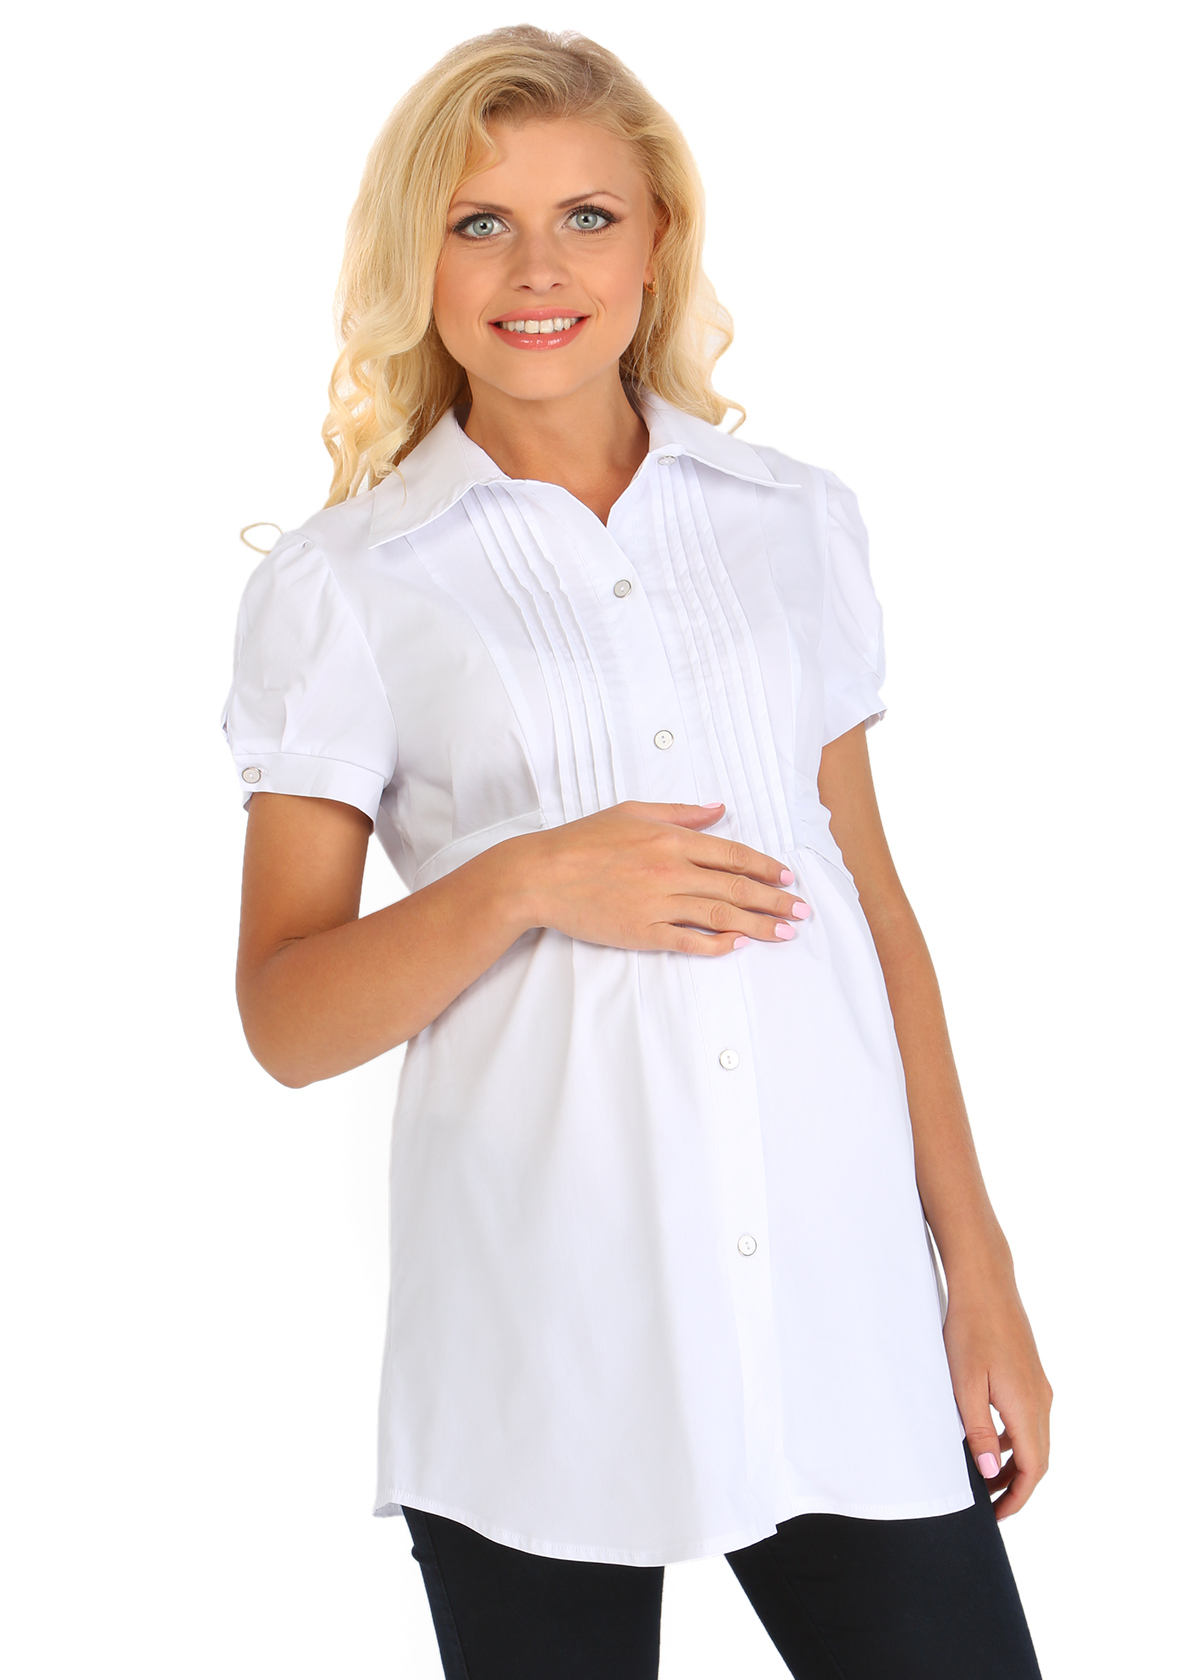 Офисная белая рубашка для беременных 70